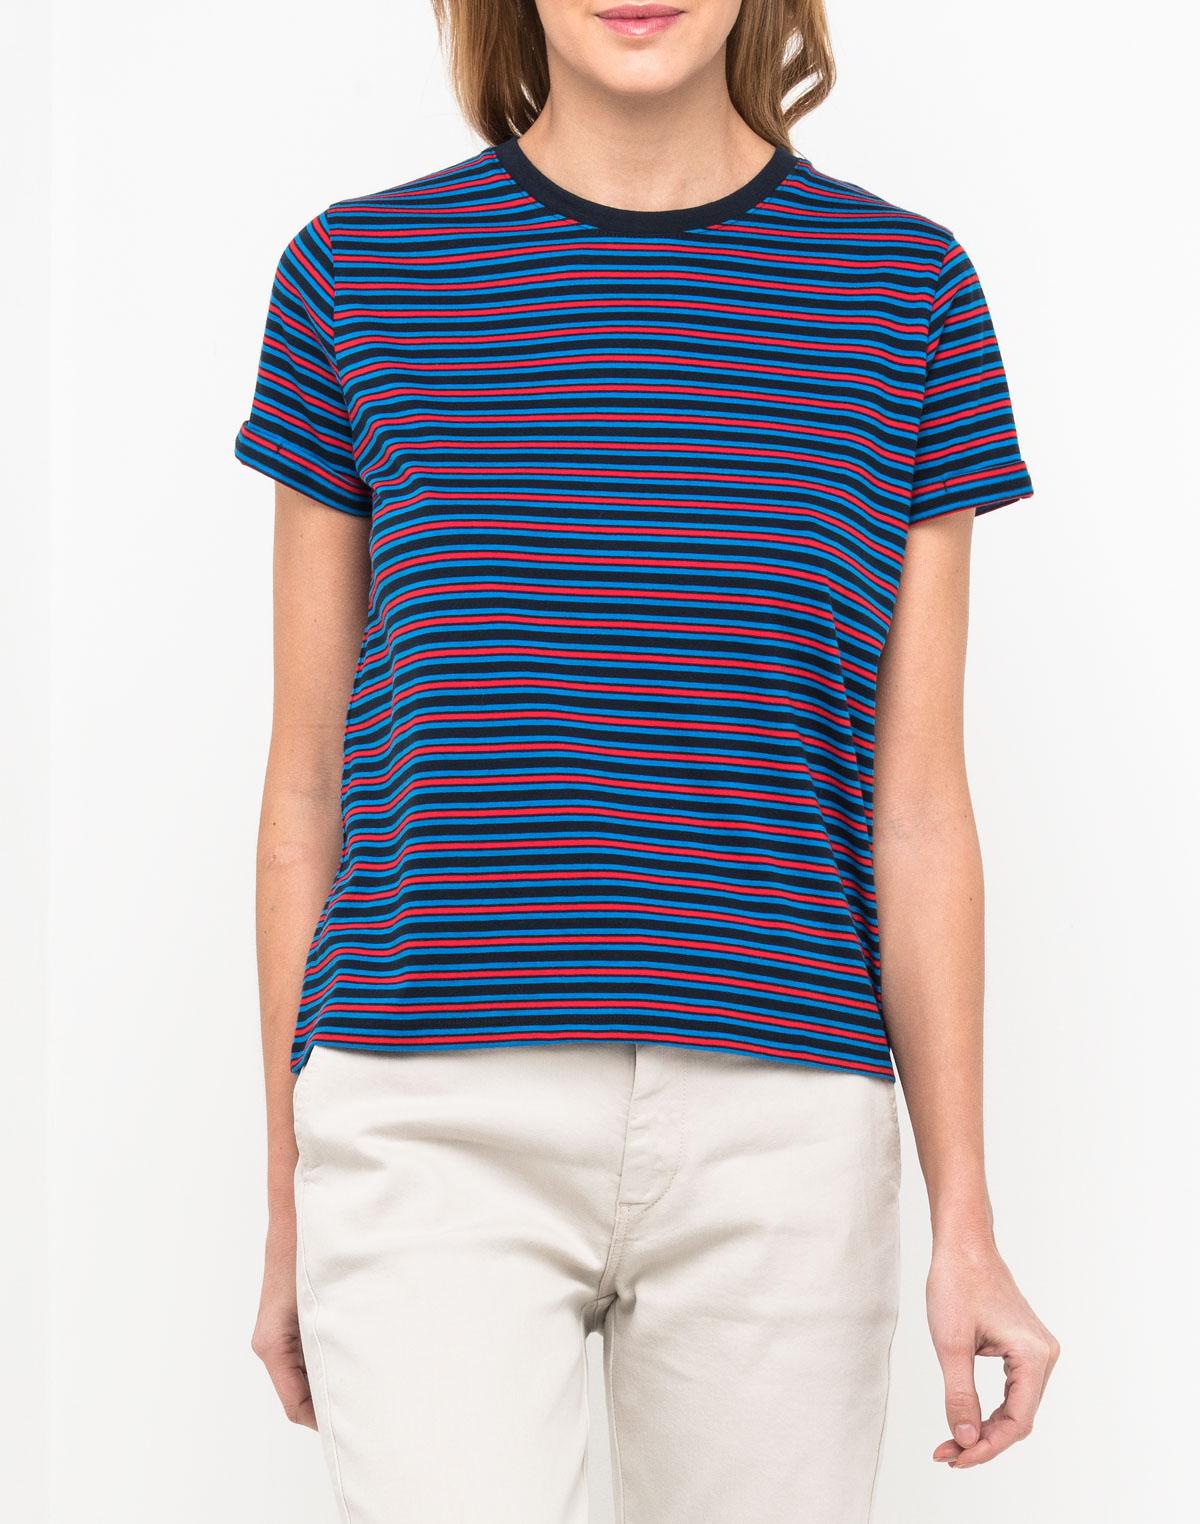 Футболка женская Lee, цвет: синий. L41FRUEE. Размер XS (40) футболка в полоску женская